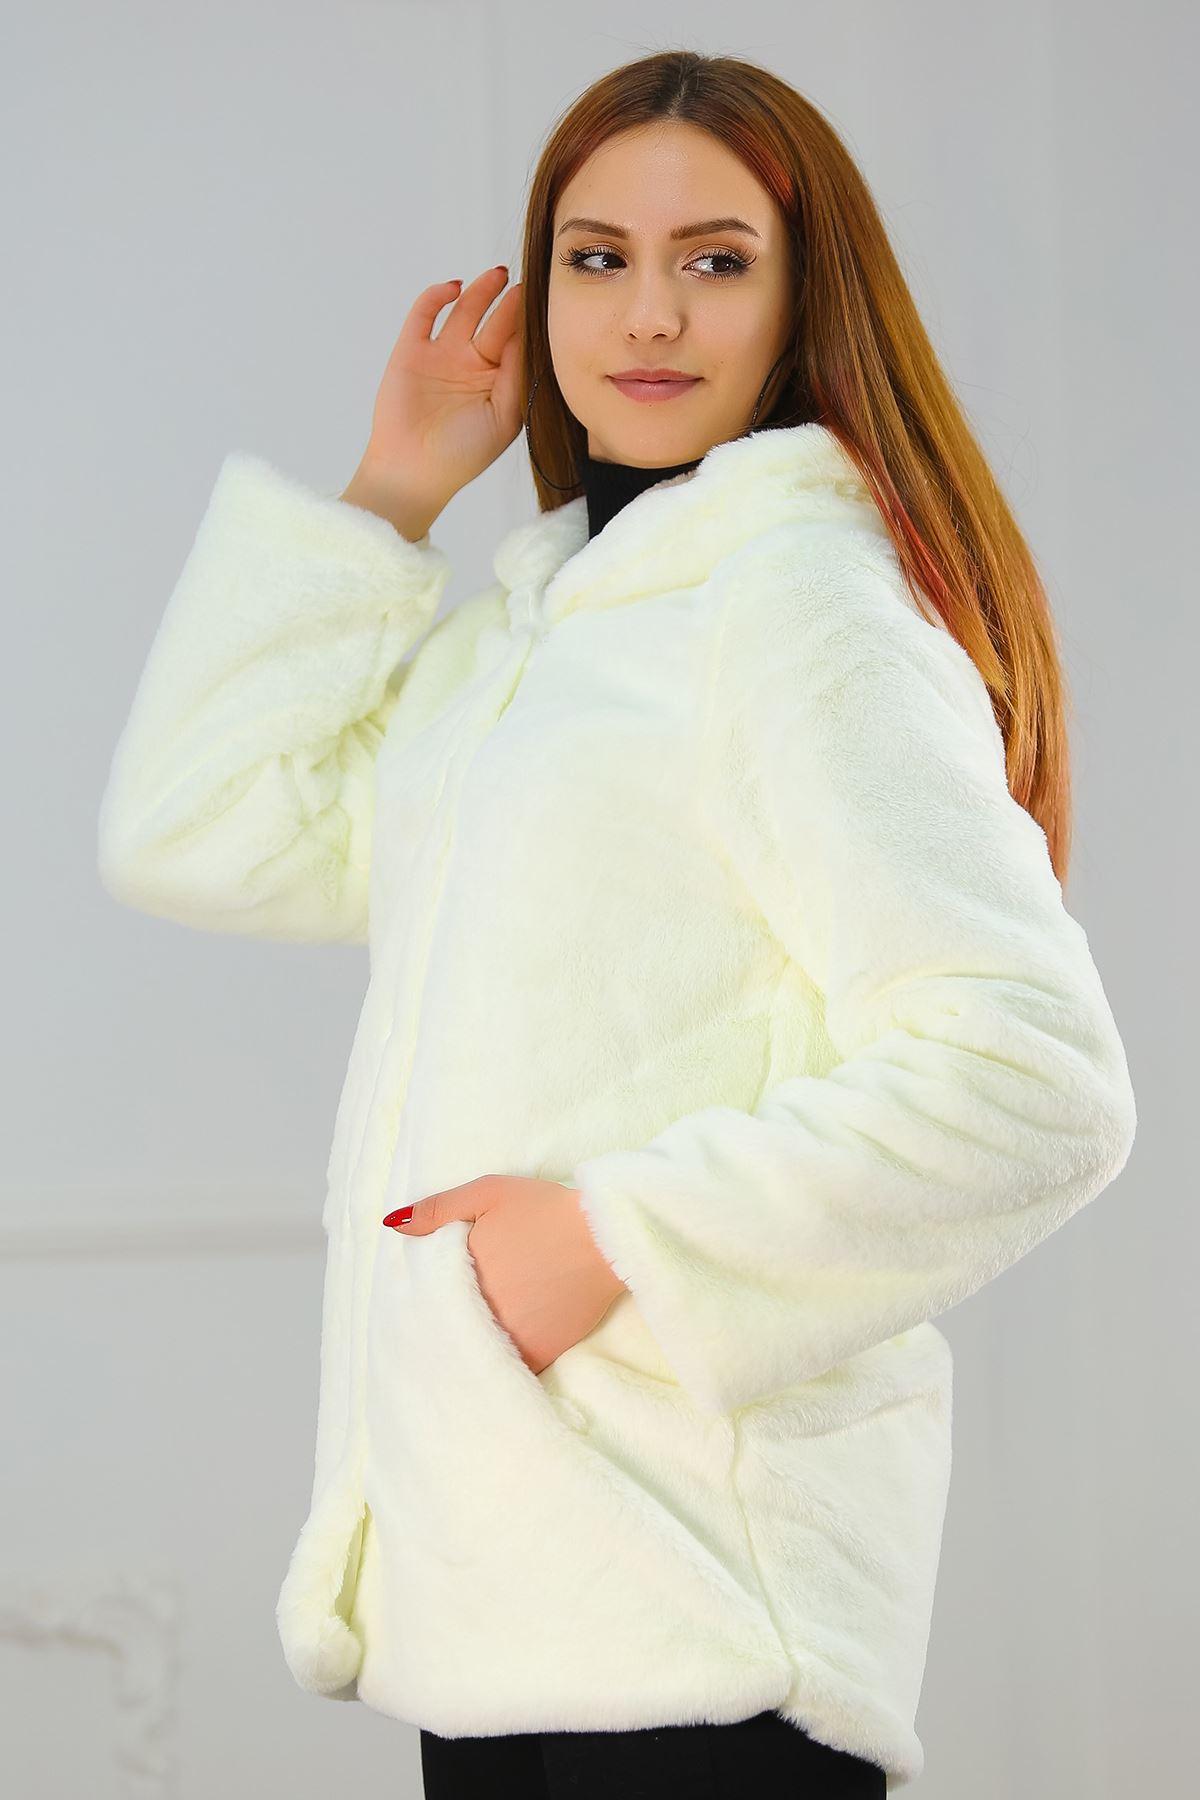 Astarlı Yumoş Ceket Beyaz - 20004.101.